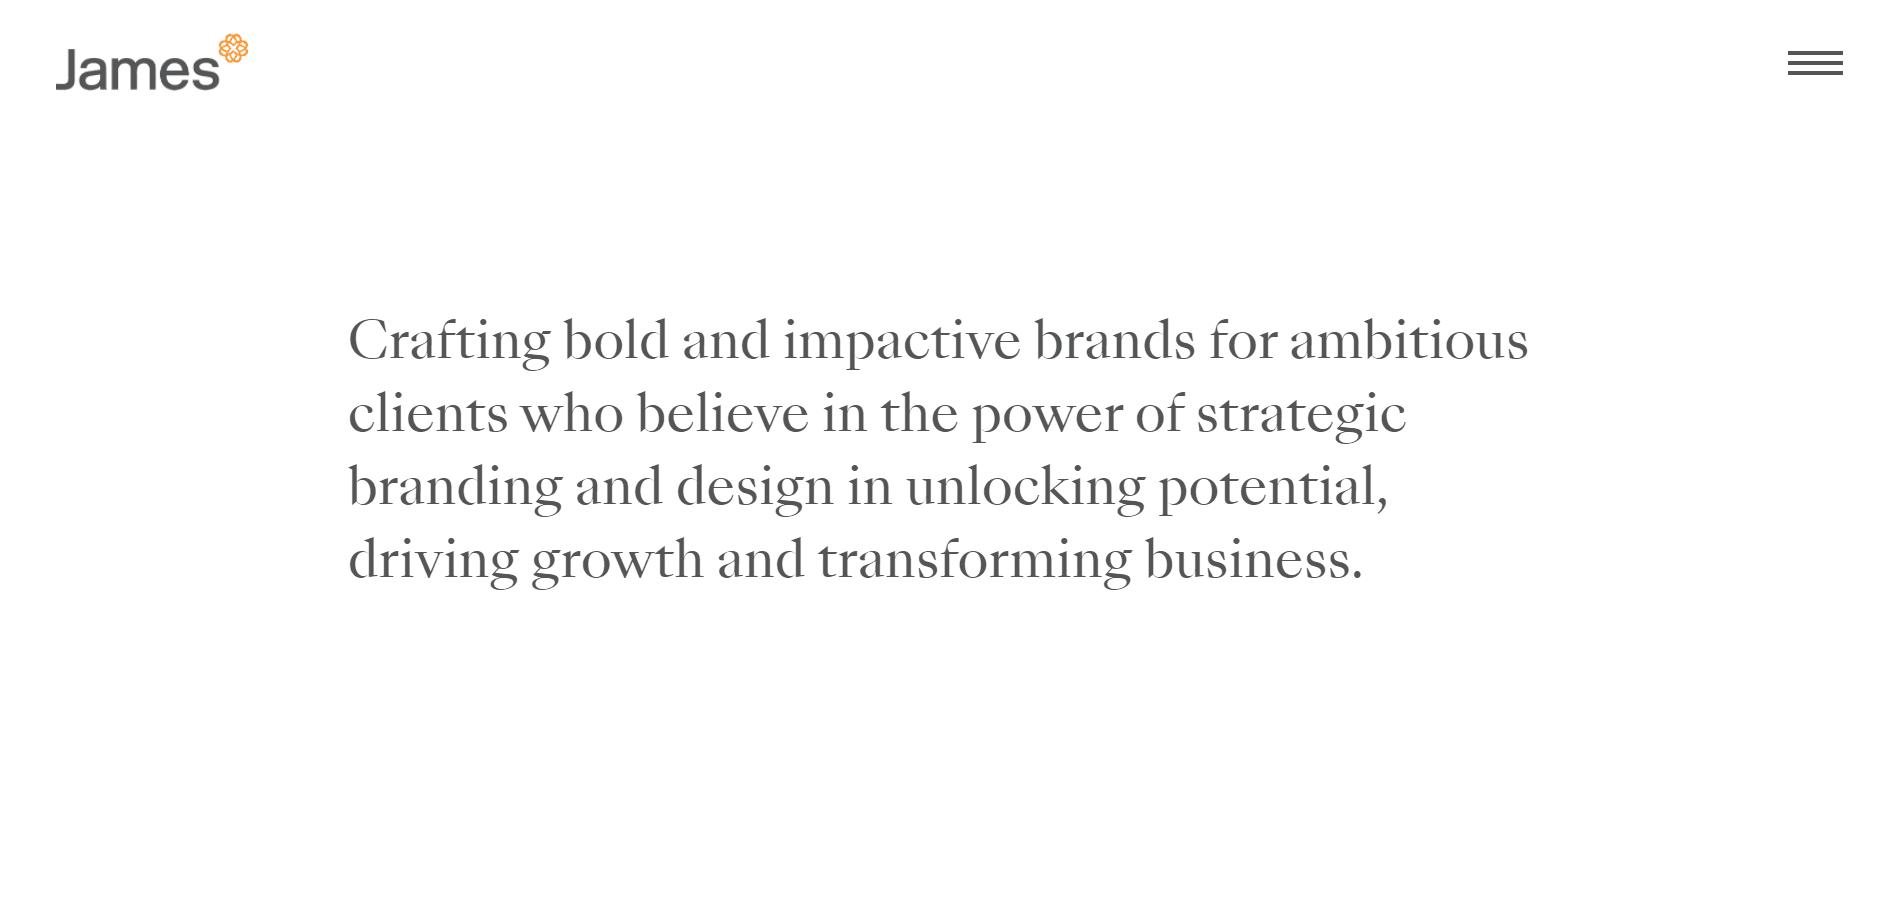 Top Creative & Branding Agencies for FMCG Brands